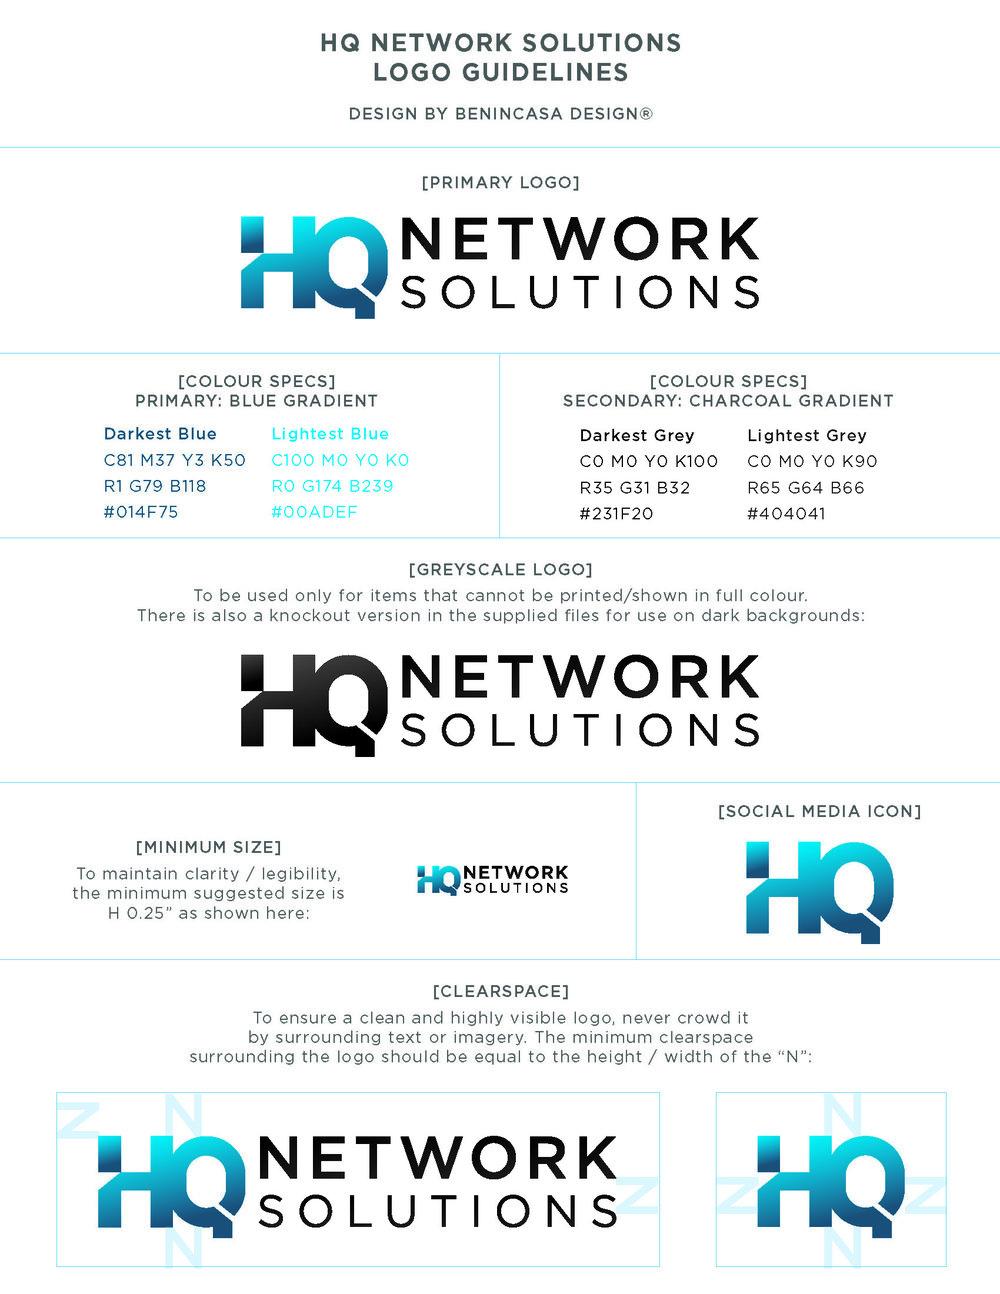 HQNS Logo Design/Branding Guidelines